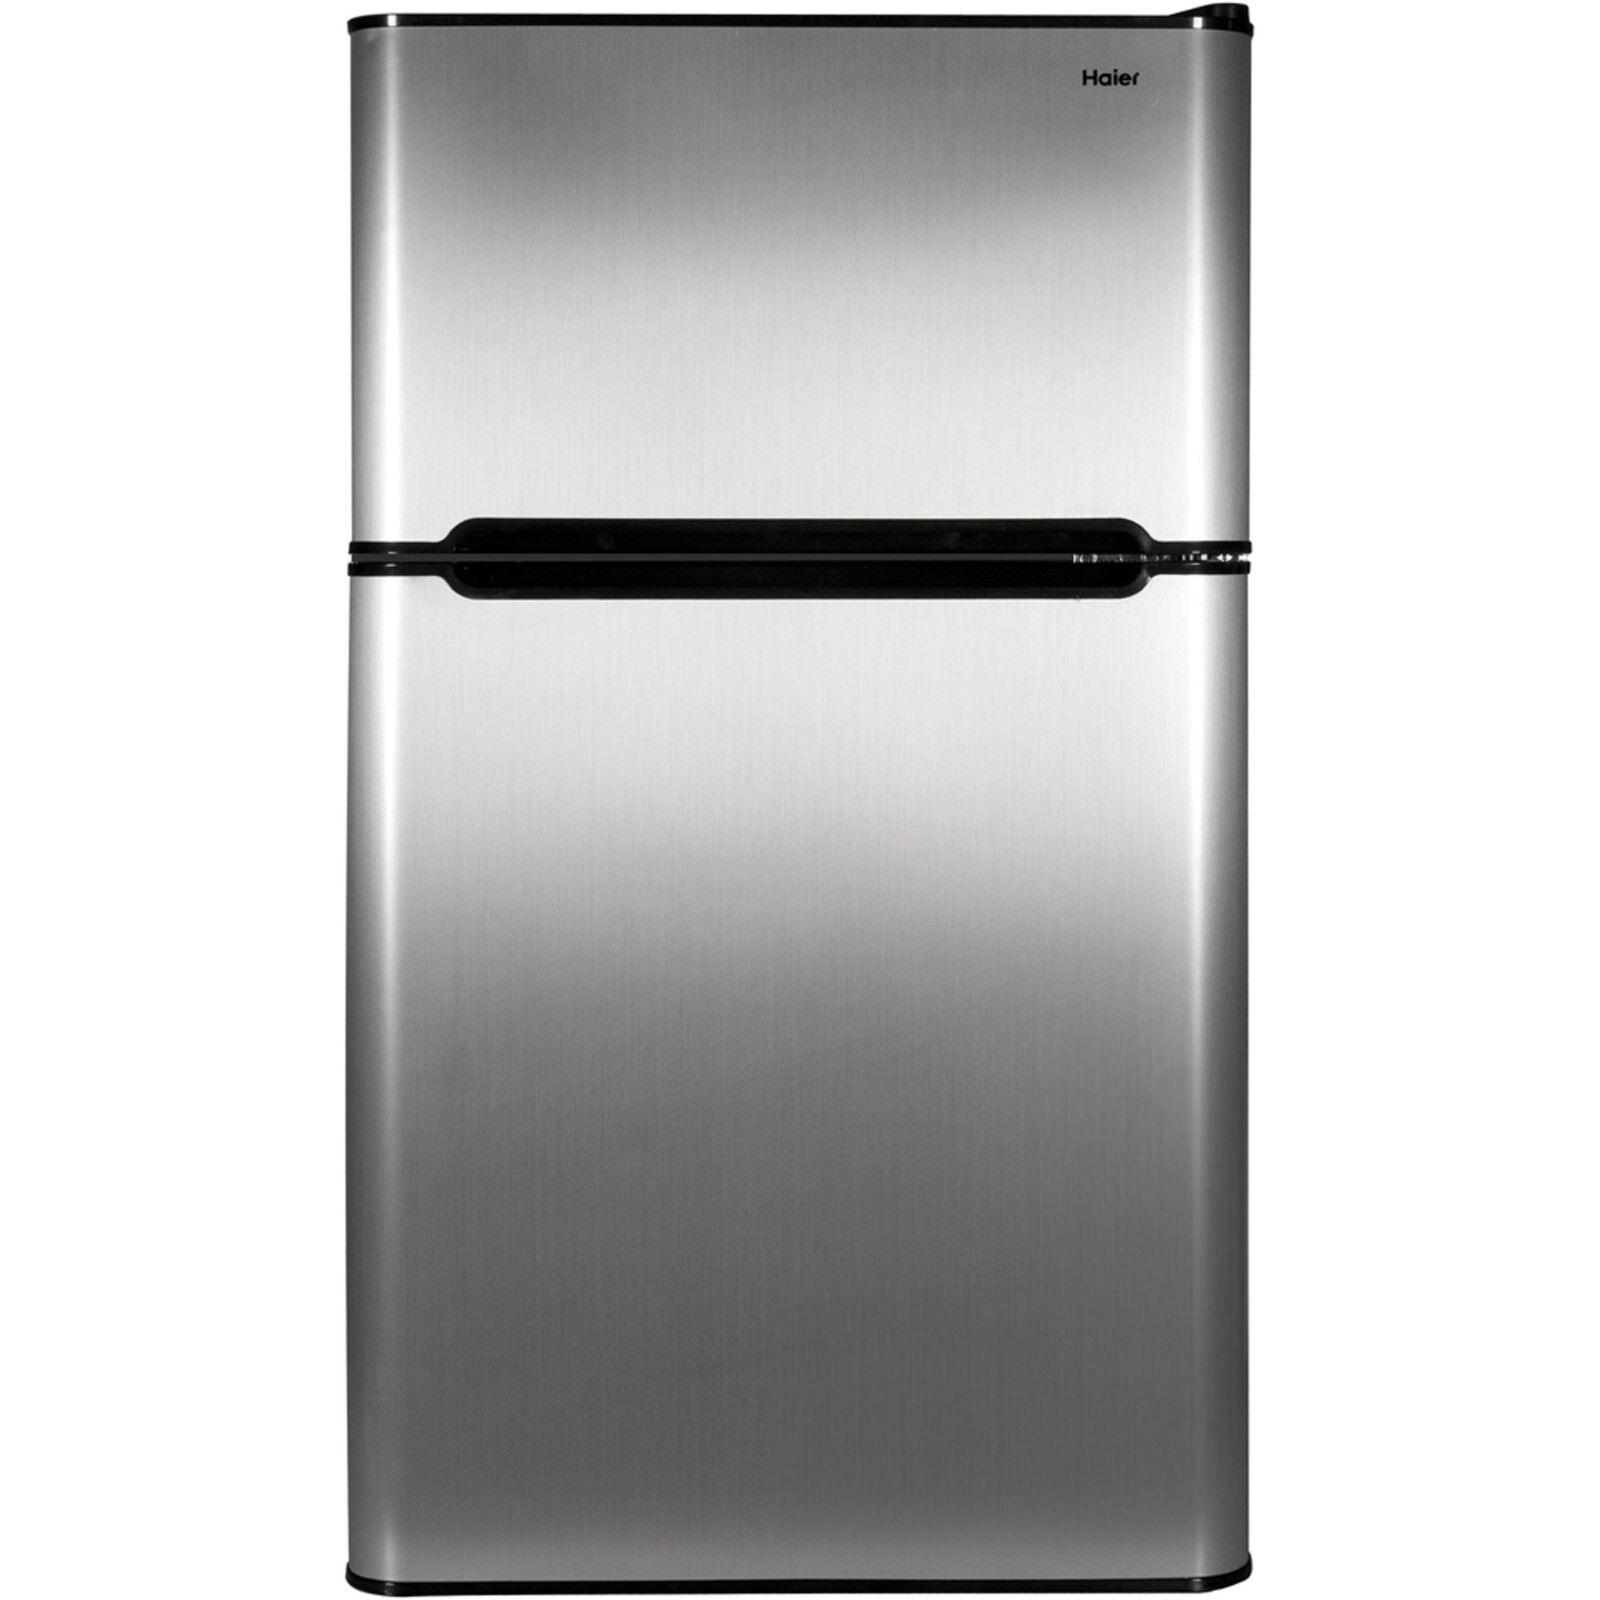 Mini Fridge Freezer Compact Refrigerator 2 Door College Dorm